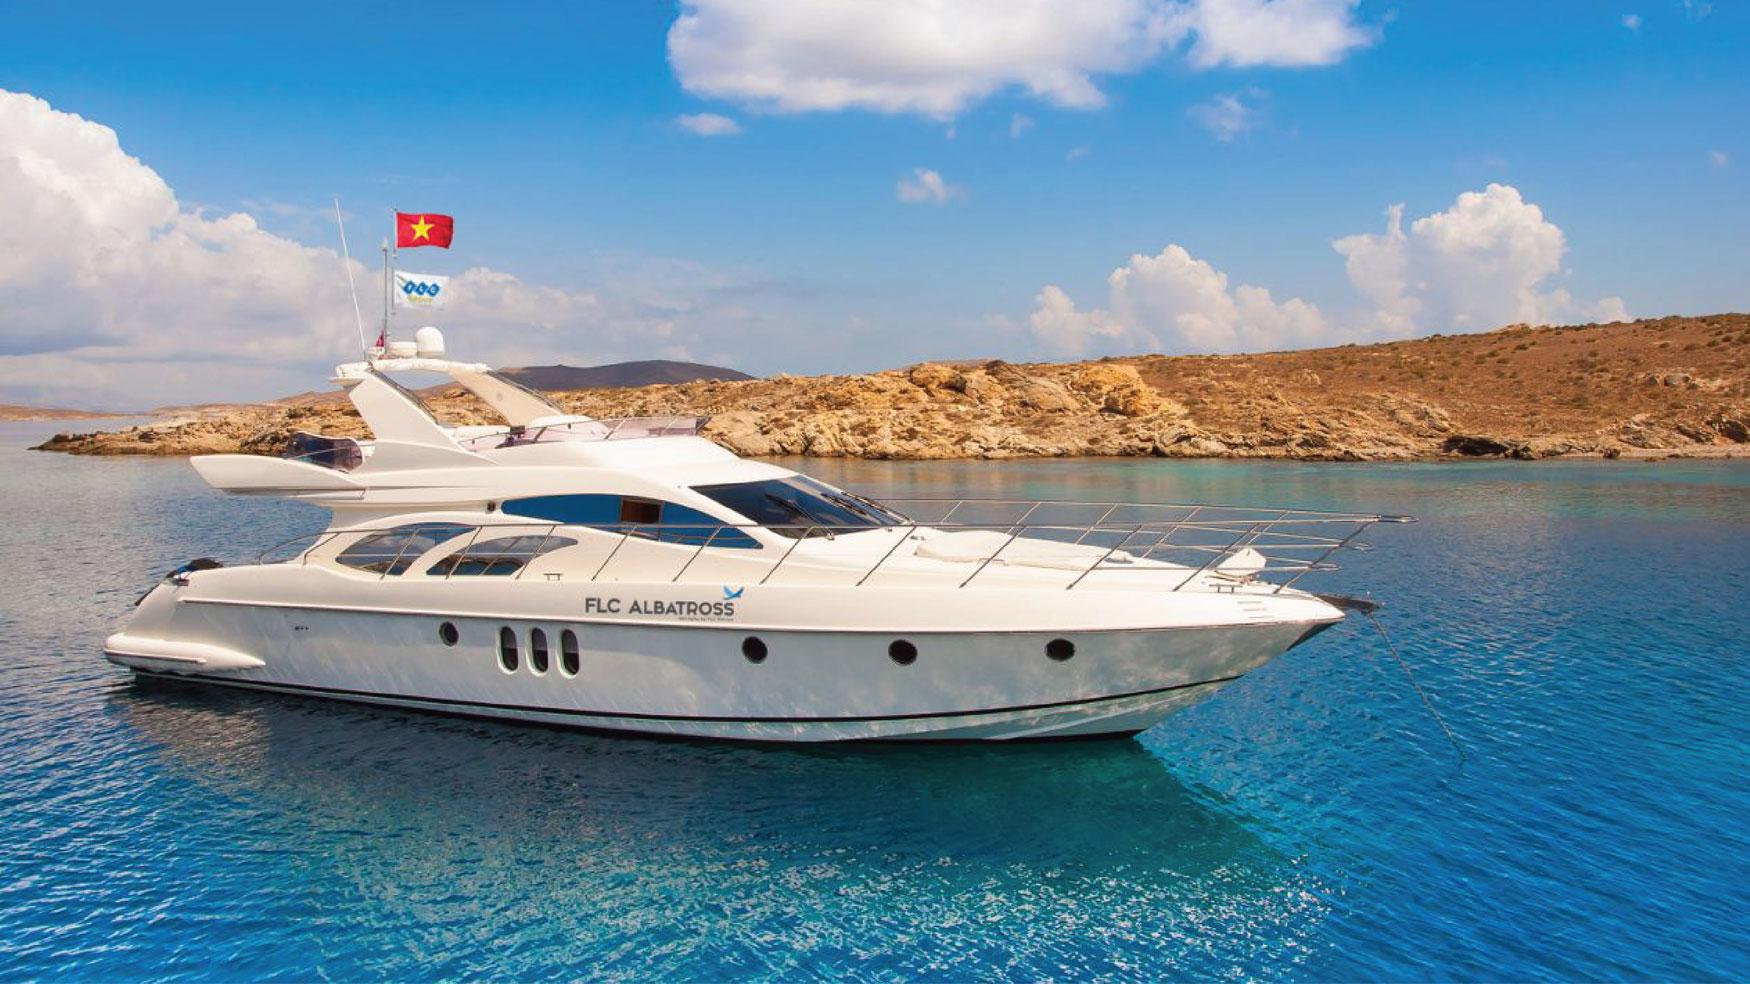 Du ngoạn Hạ Long bằng du thuyền triệu đô FLC Albatross 1